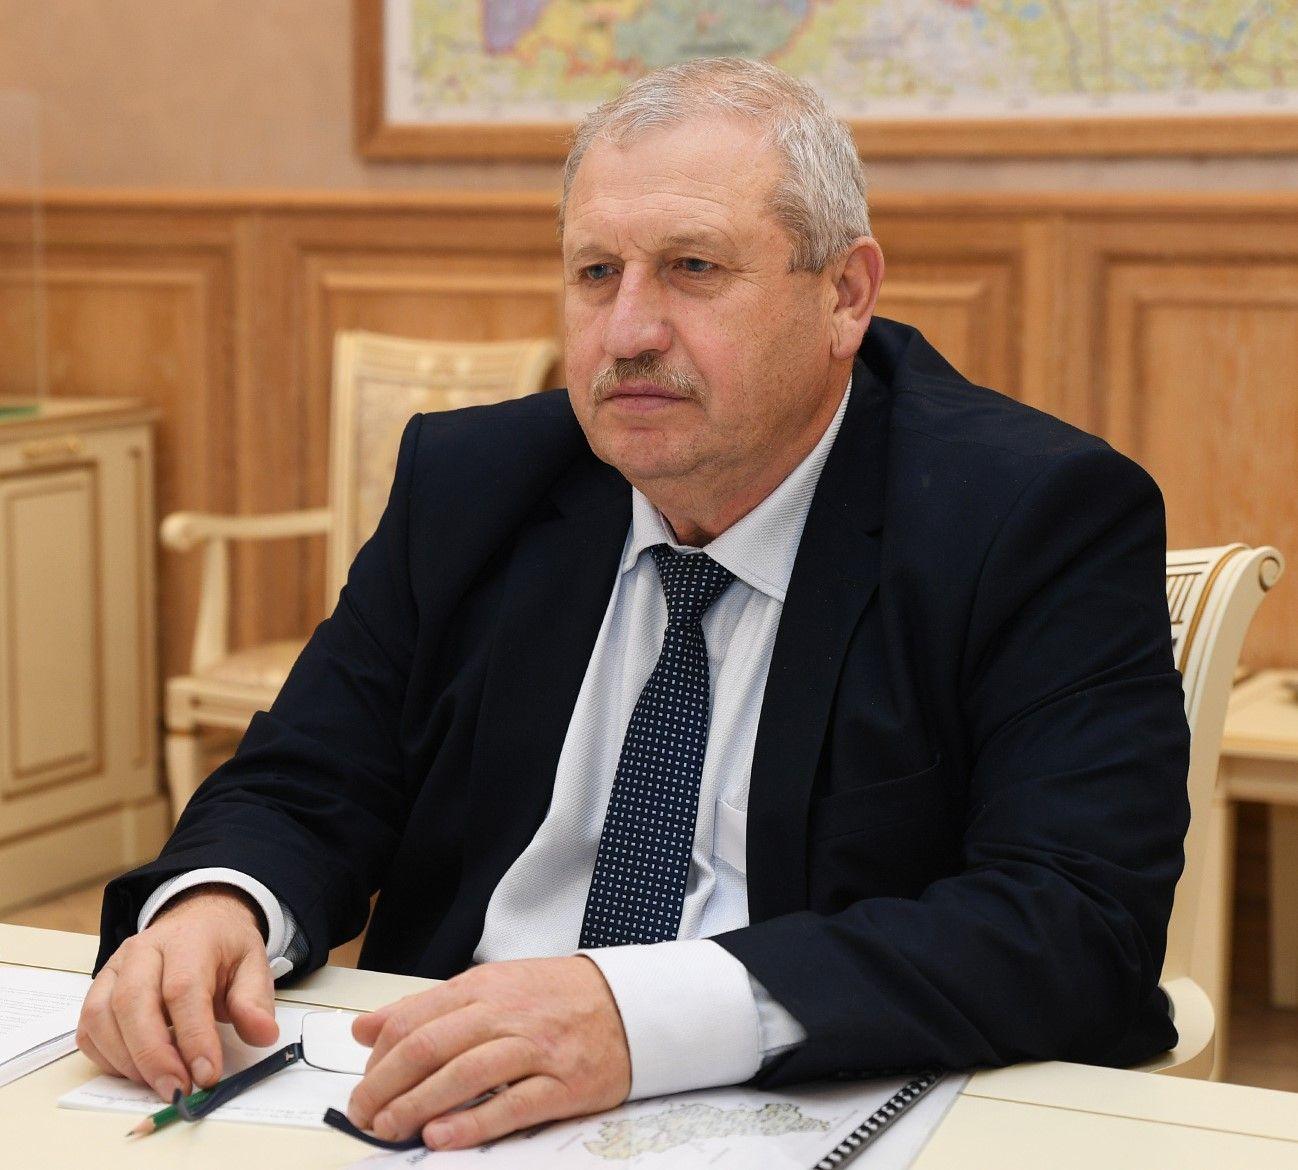 Николай Баранник: Мы все в ответе за Тверскую область